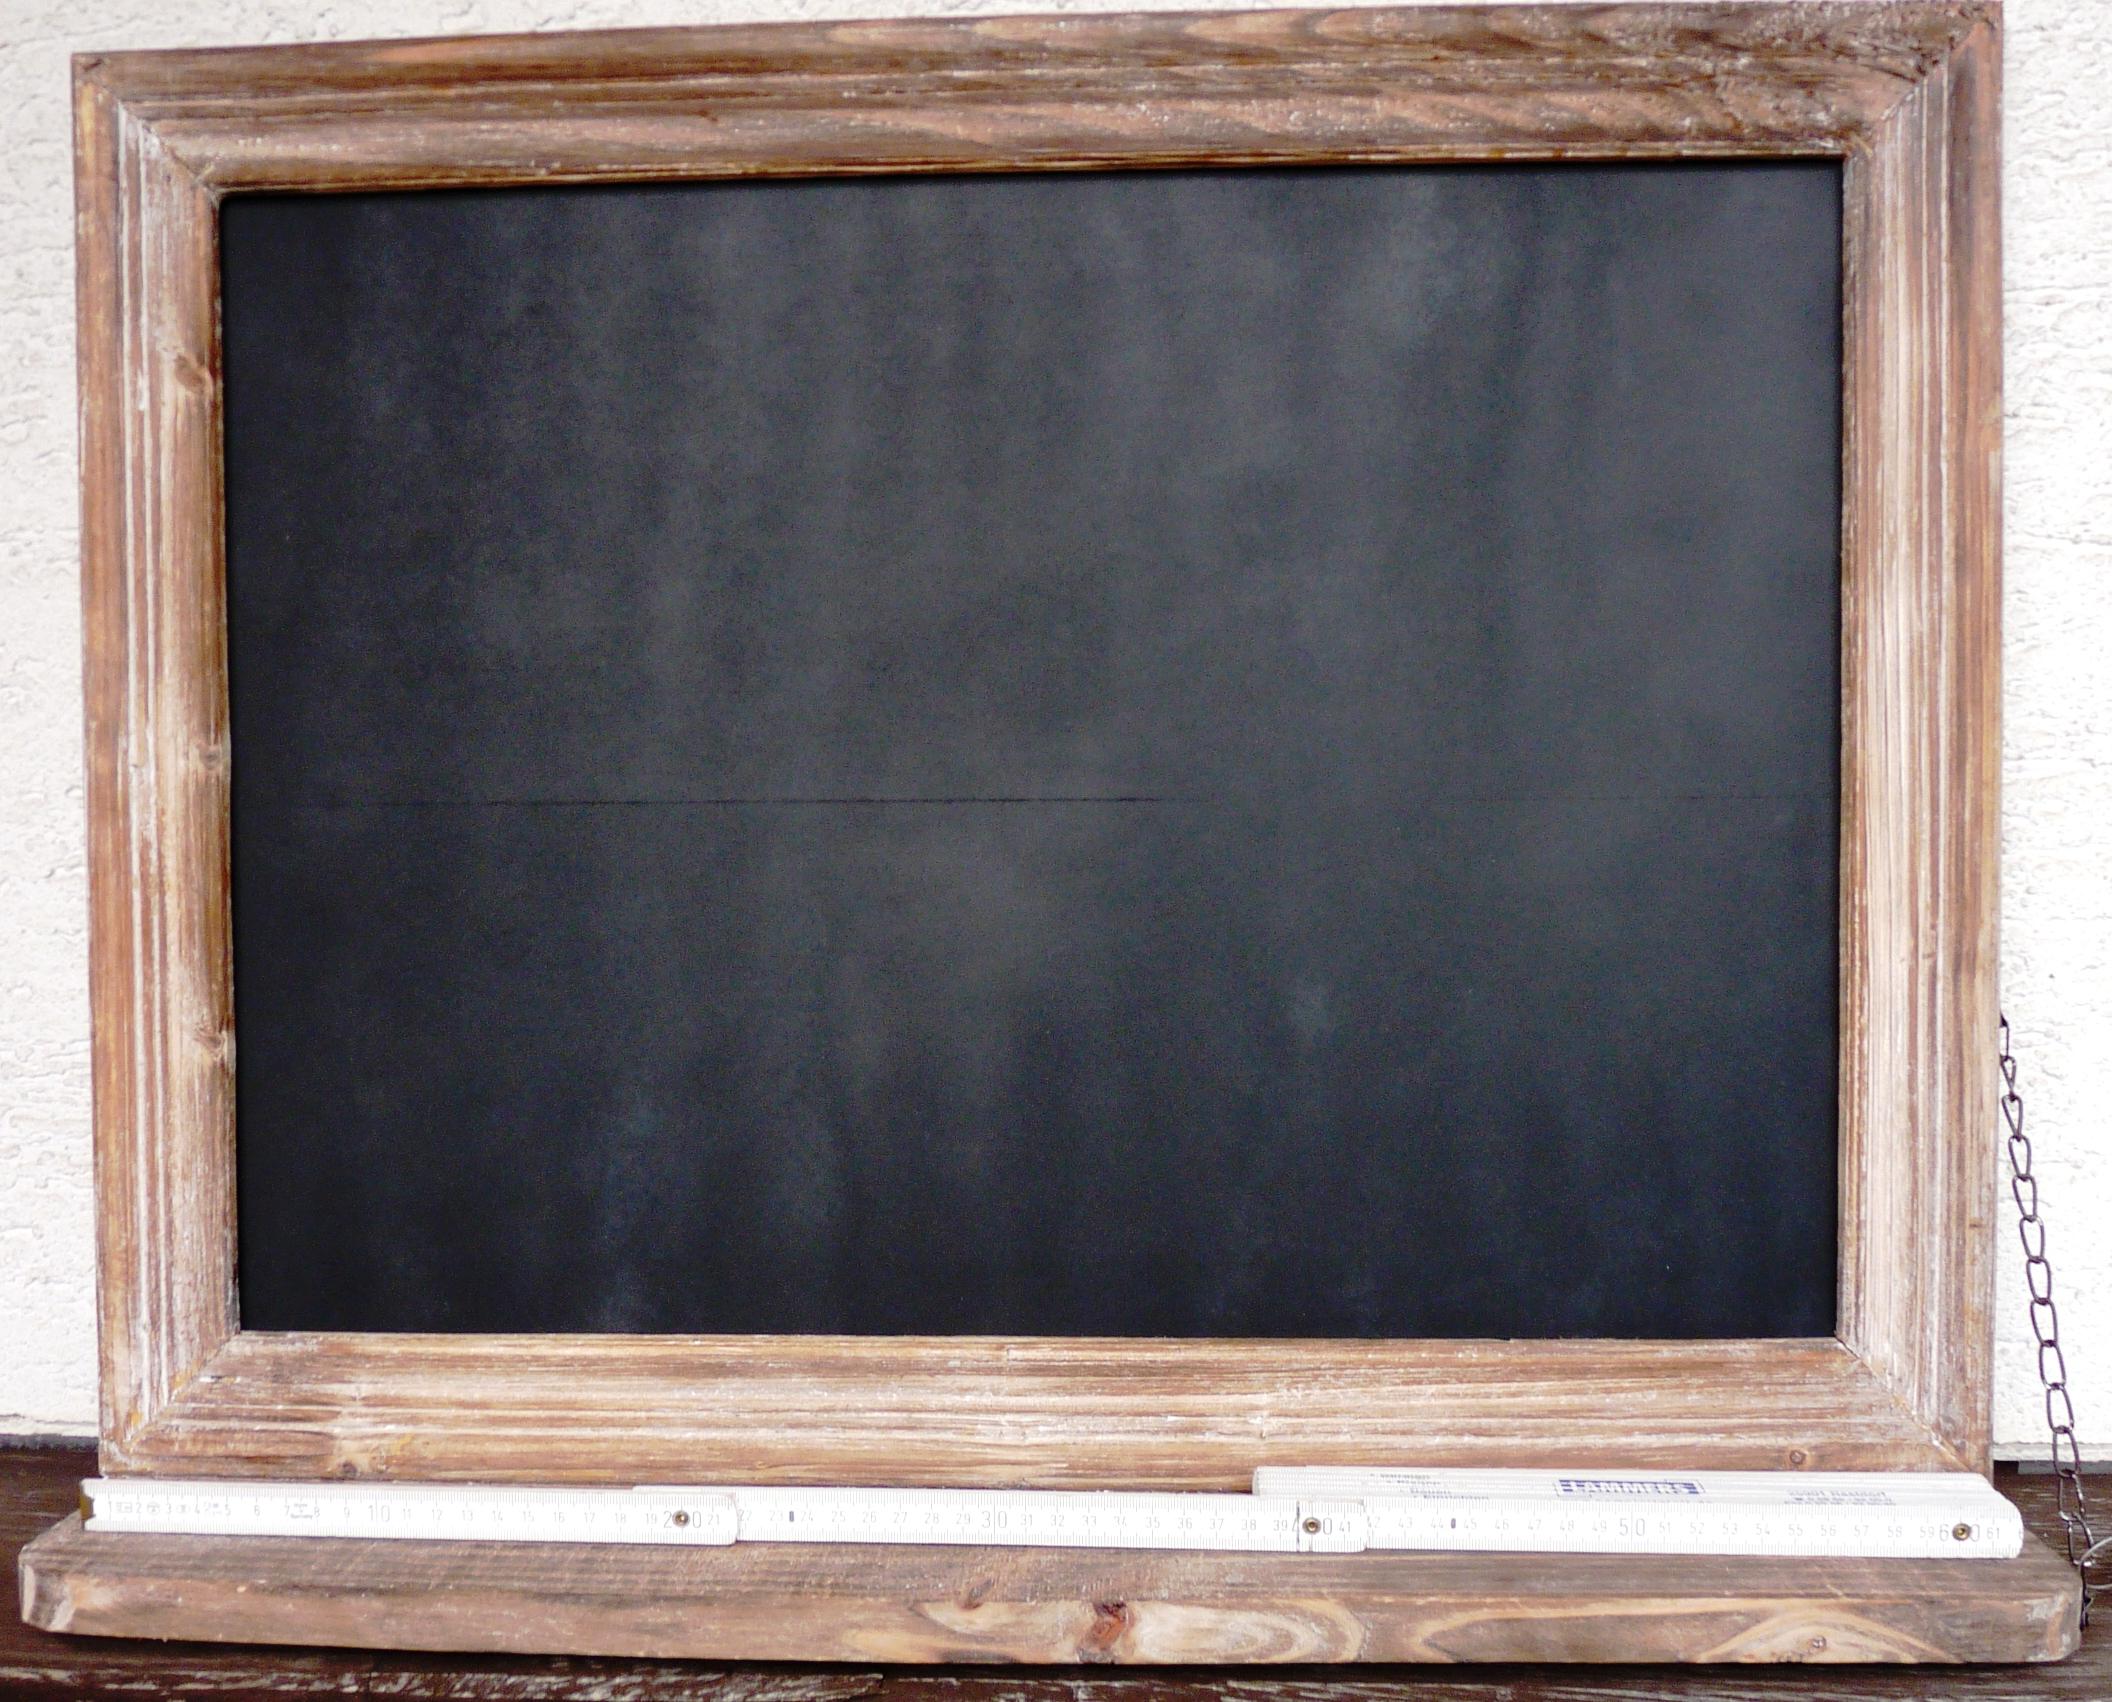 Full Size of Kreidetafel Für Die Küche Memoboard Kreidetafel Küche Sprüche Für Kreidetafel Küche Kreidetafel Küche Pinterest Küche Kreidetafel Küche